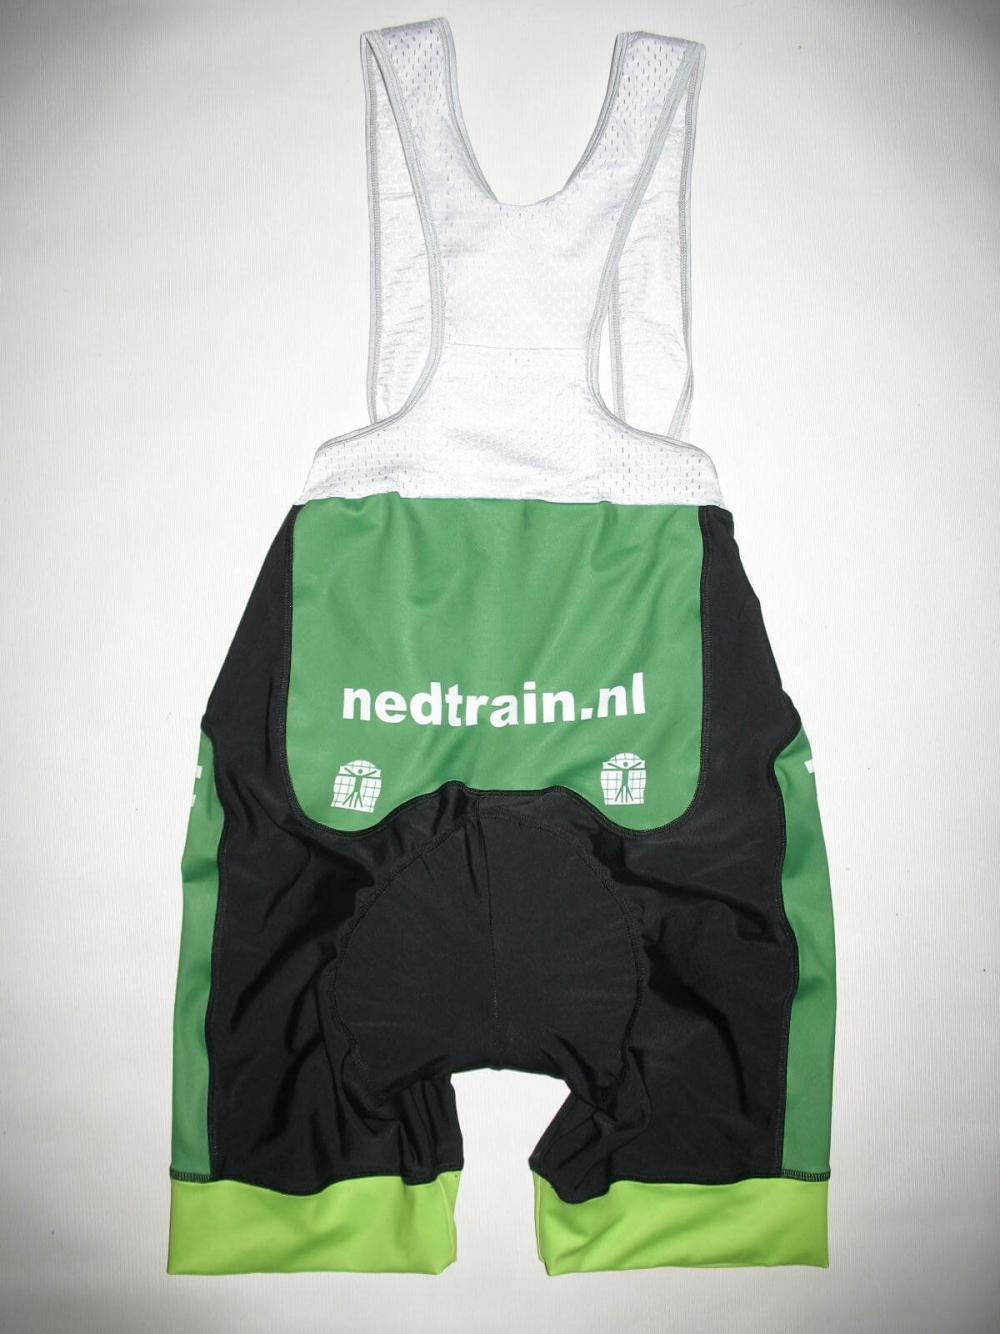 Велошорты BIORACER nedtrain cycling bib shorts (размер 6/XL) - 1